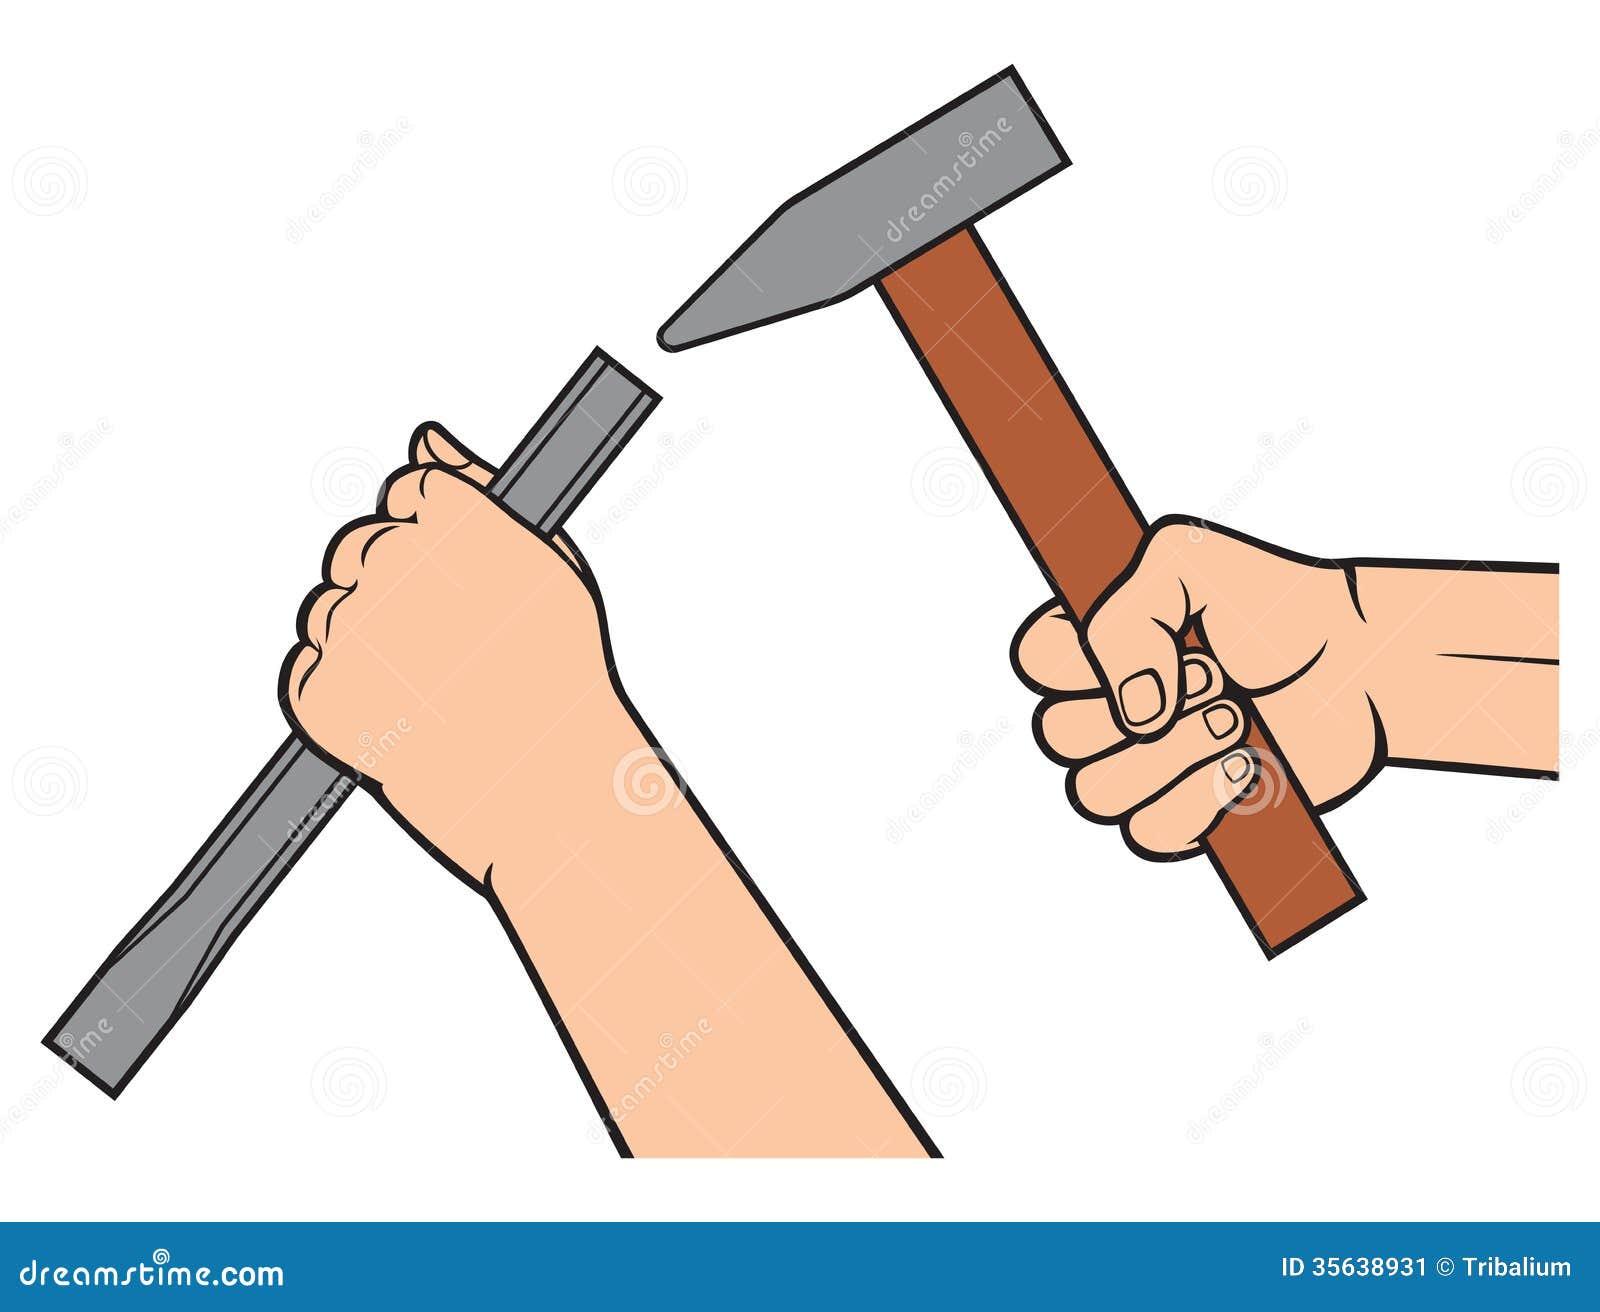 h nde die einen hammer und einen mei el halten stockbild bild 35638931. Black Bedroom Furniture Sets. Home Design Ideas